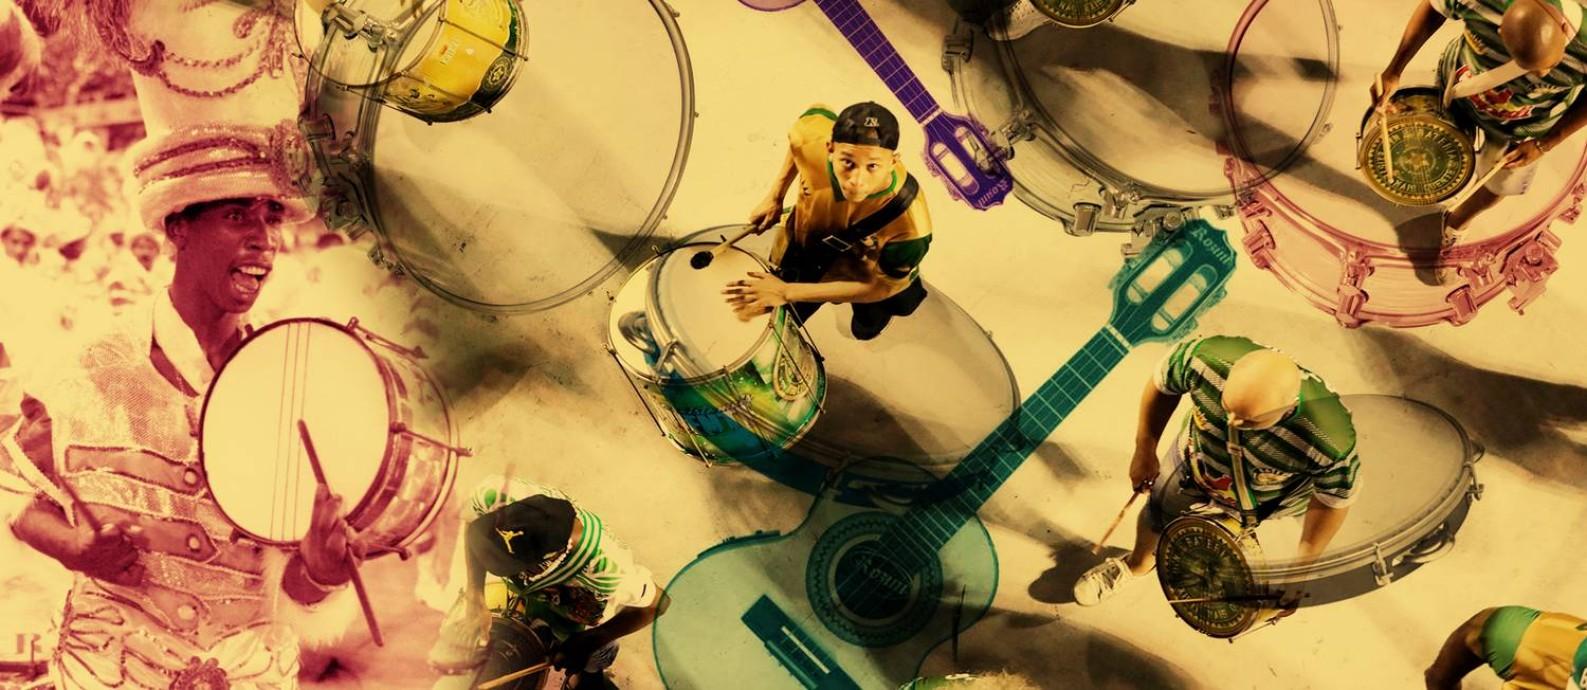 Sambas e baterias: para especialistas, dois pilares do carnaval que subiram de patamar nesta década Foto: Editoria de Arte